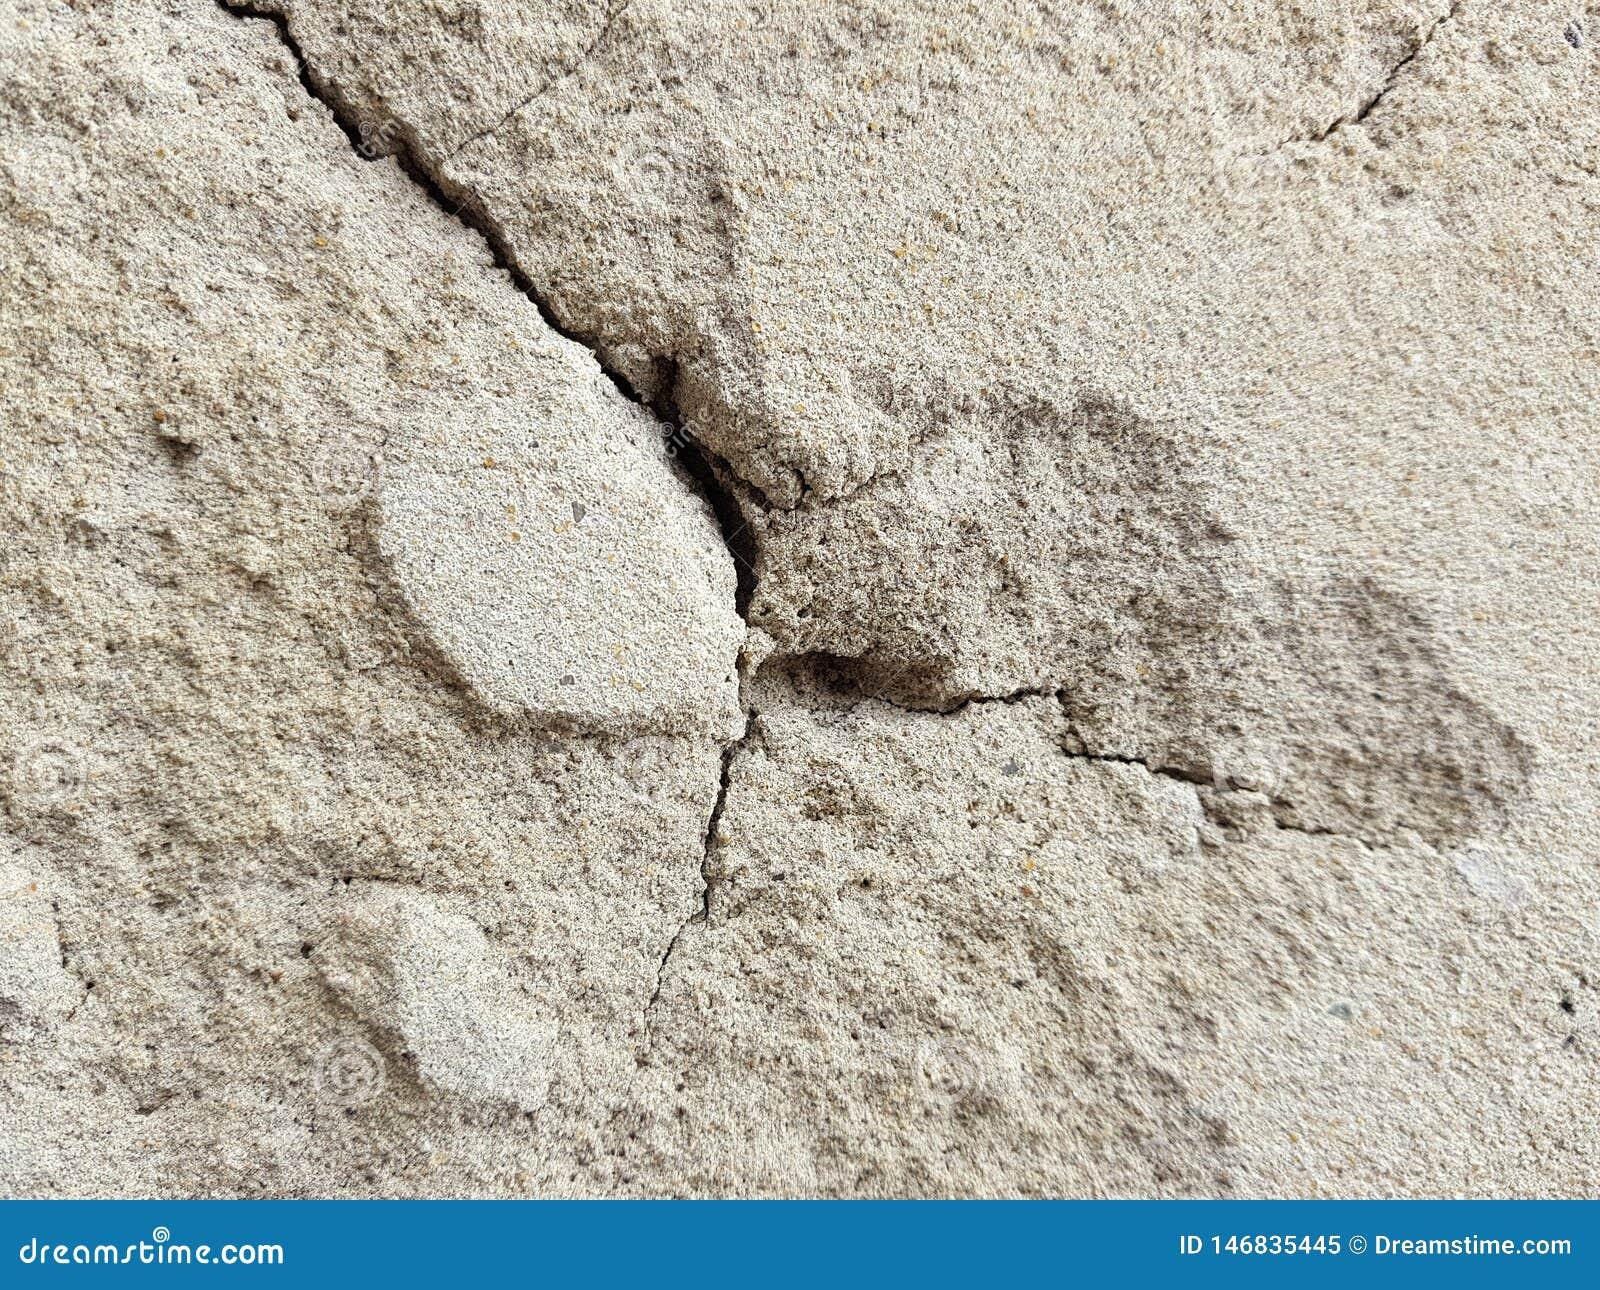 Όμορφο έμβλημα υποβάθρου κλίσης για το κείμενο - ασυνήθιστη και όμορφη σύσταση του ασβεστοκονιάματος ή του συμπαγούς τοίχου με τι